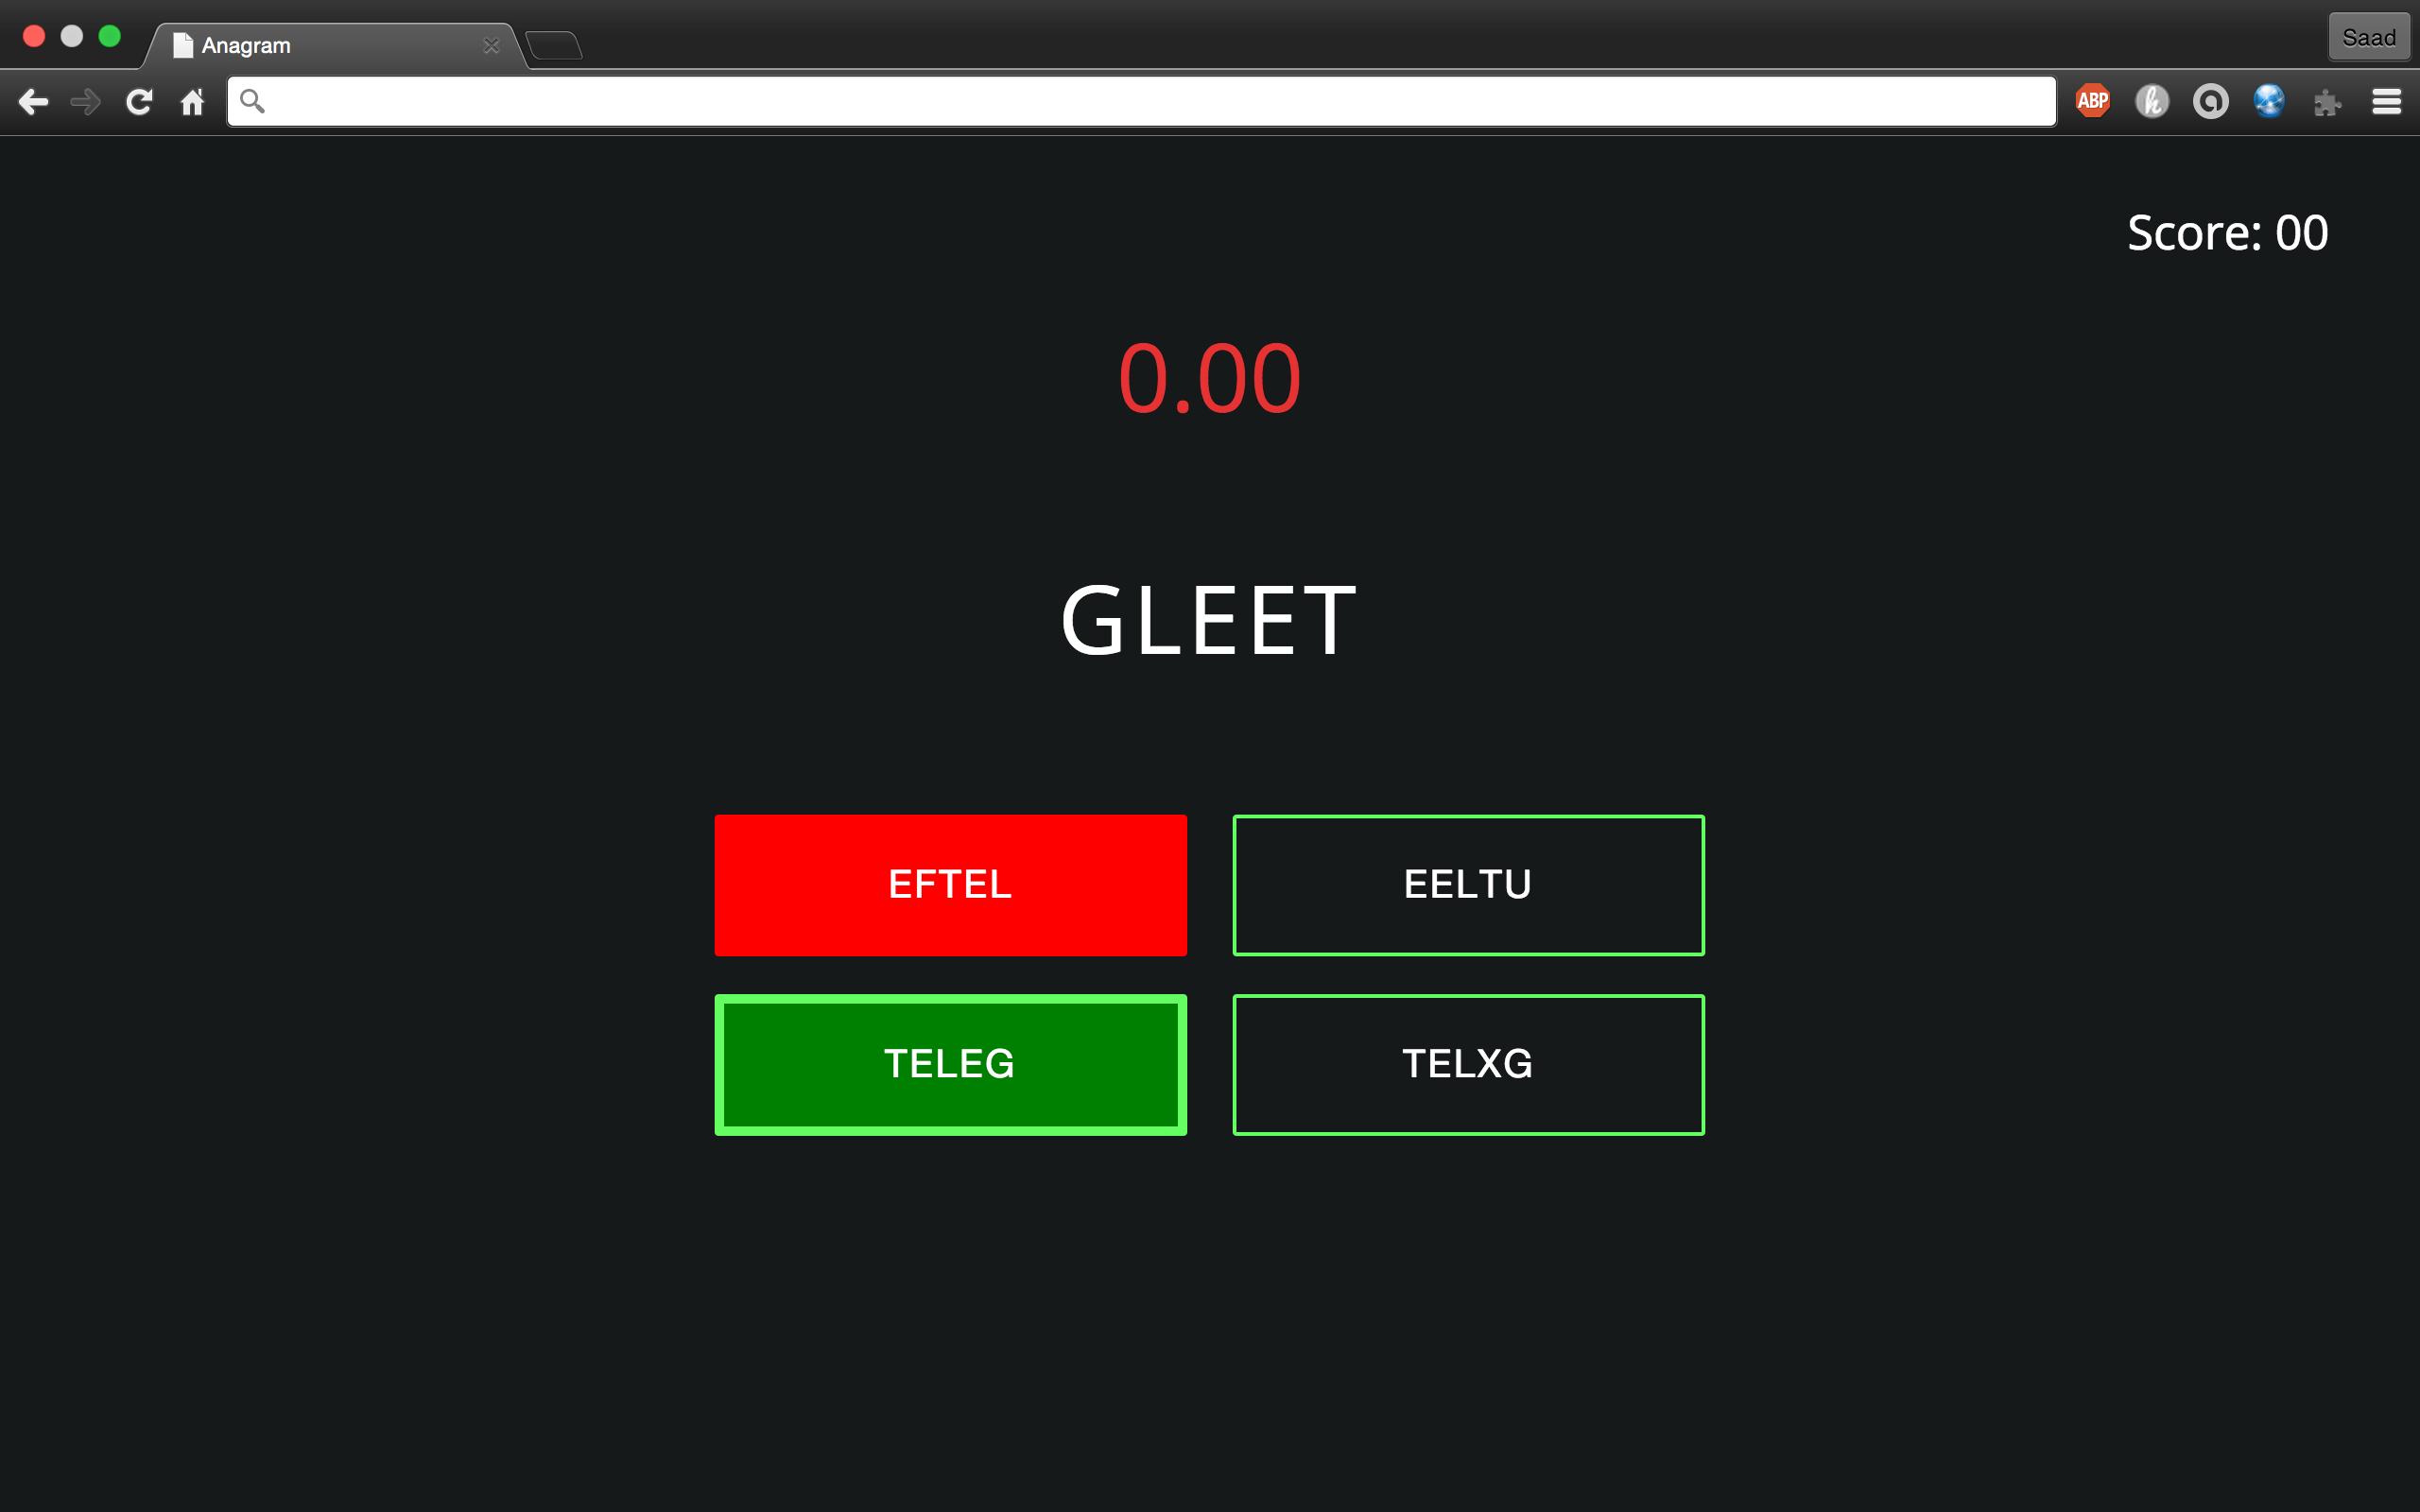 GitHub - saadq/Anagrams: A fun game involving anagrams.